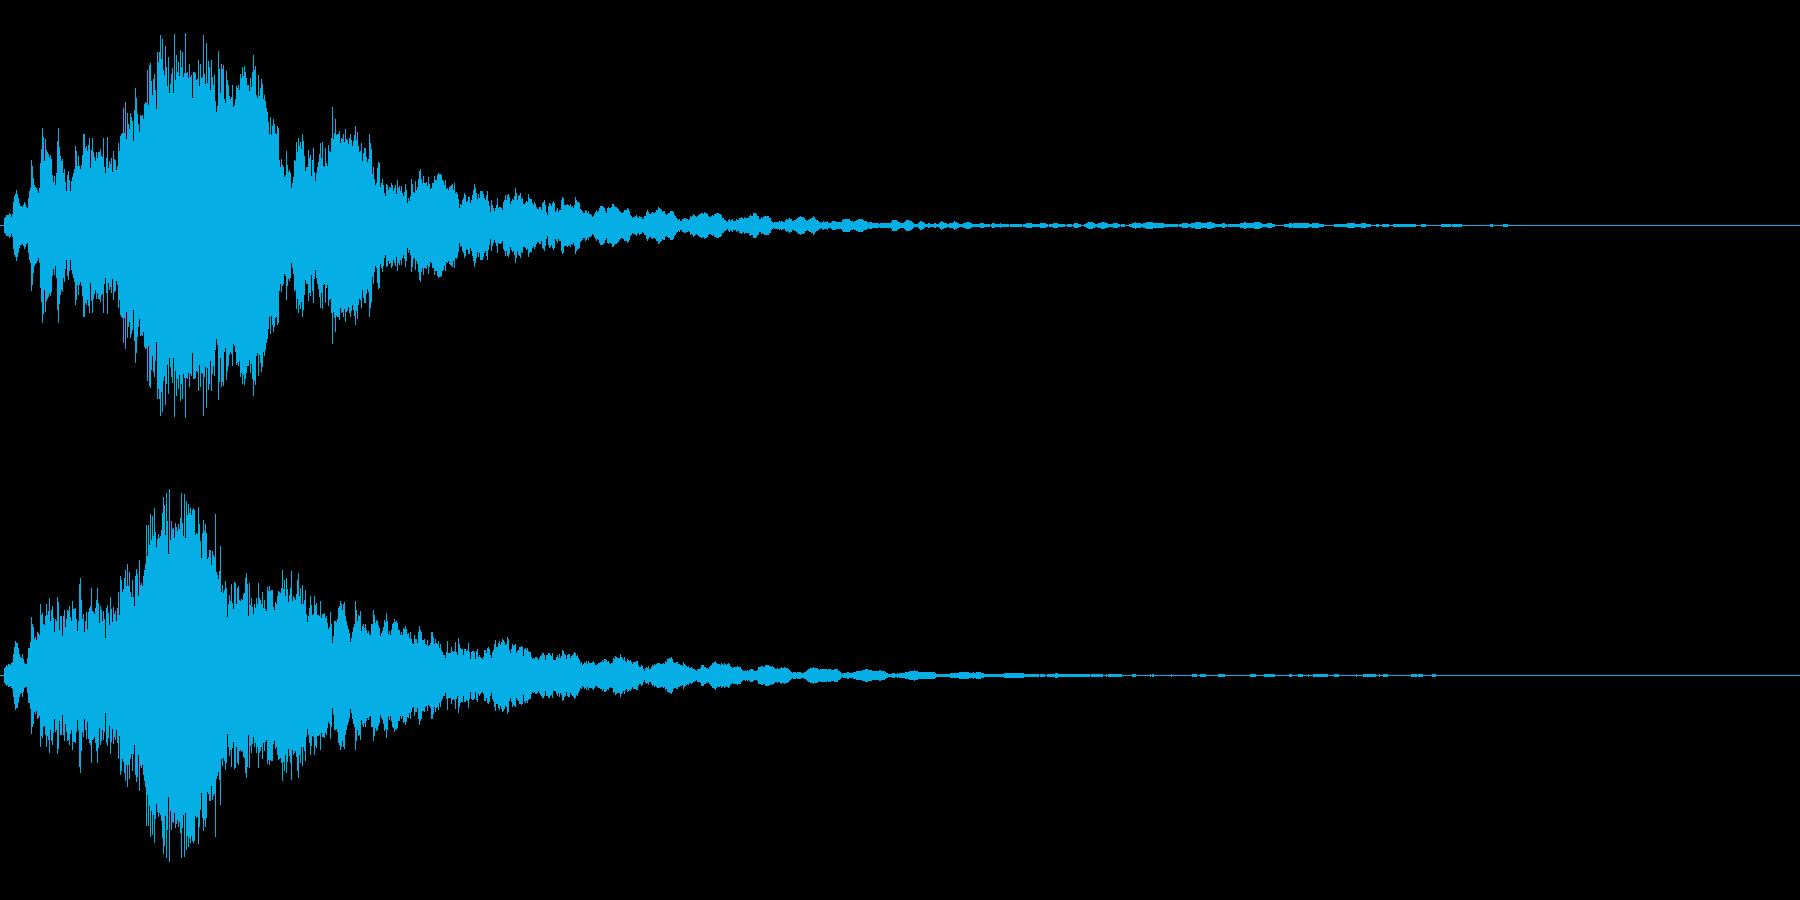 キラキラ☆ピキーン!(星の輝きや魔法)4の再生済みの波形